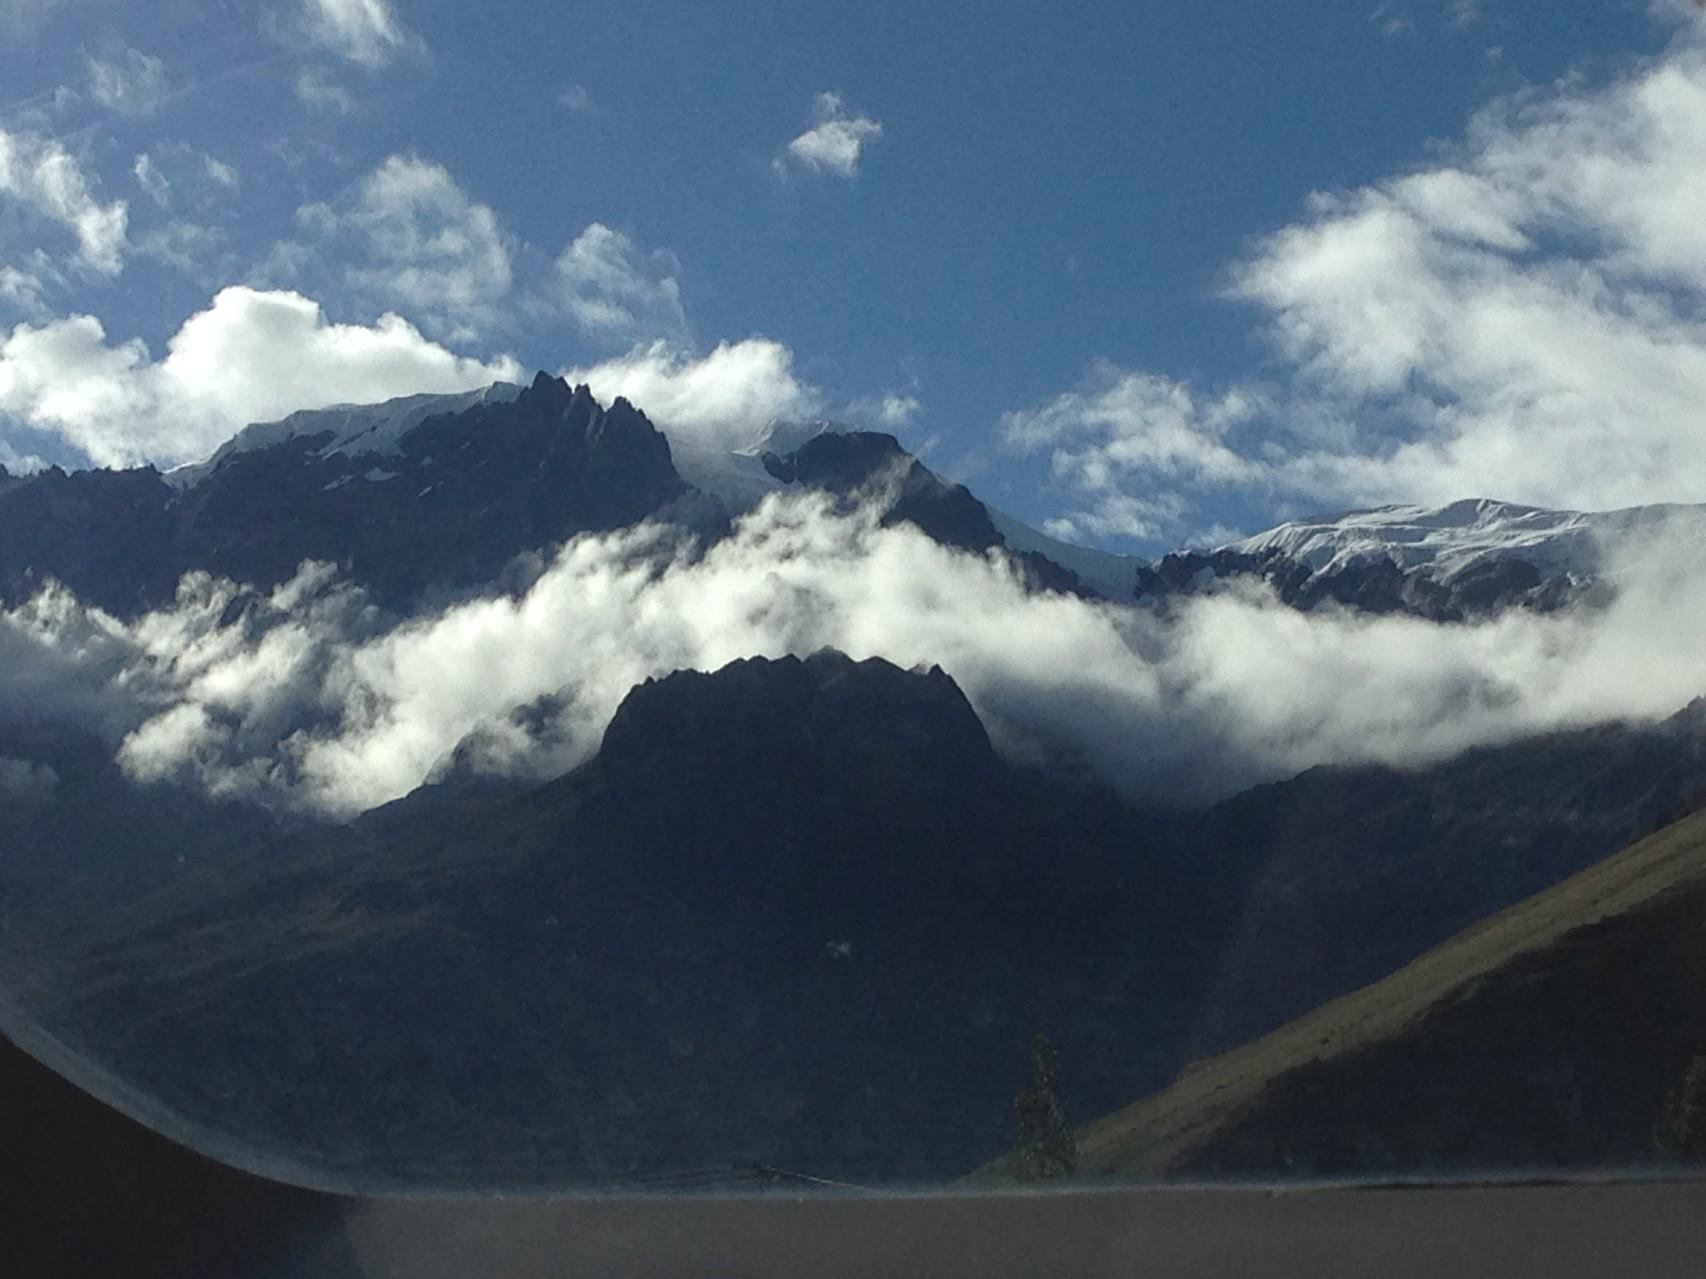 ... wunderschöne Berge-Wolken-Kombinationen ...